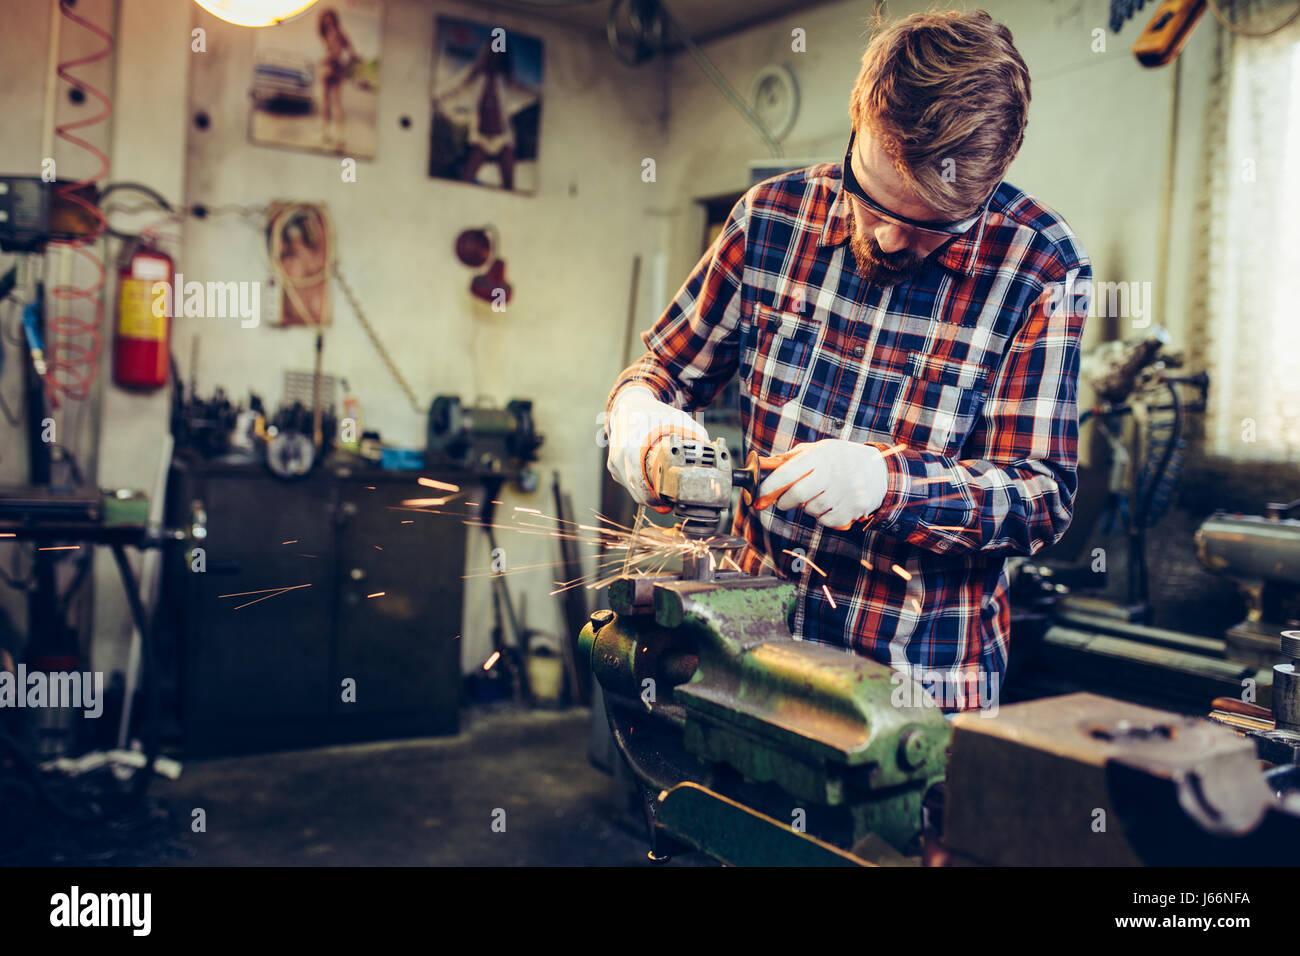 Giovane lavoratore manuale lavora con la fresa Immagini Stock